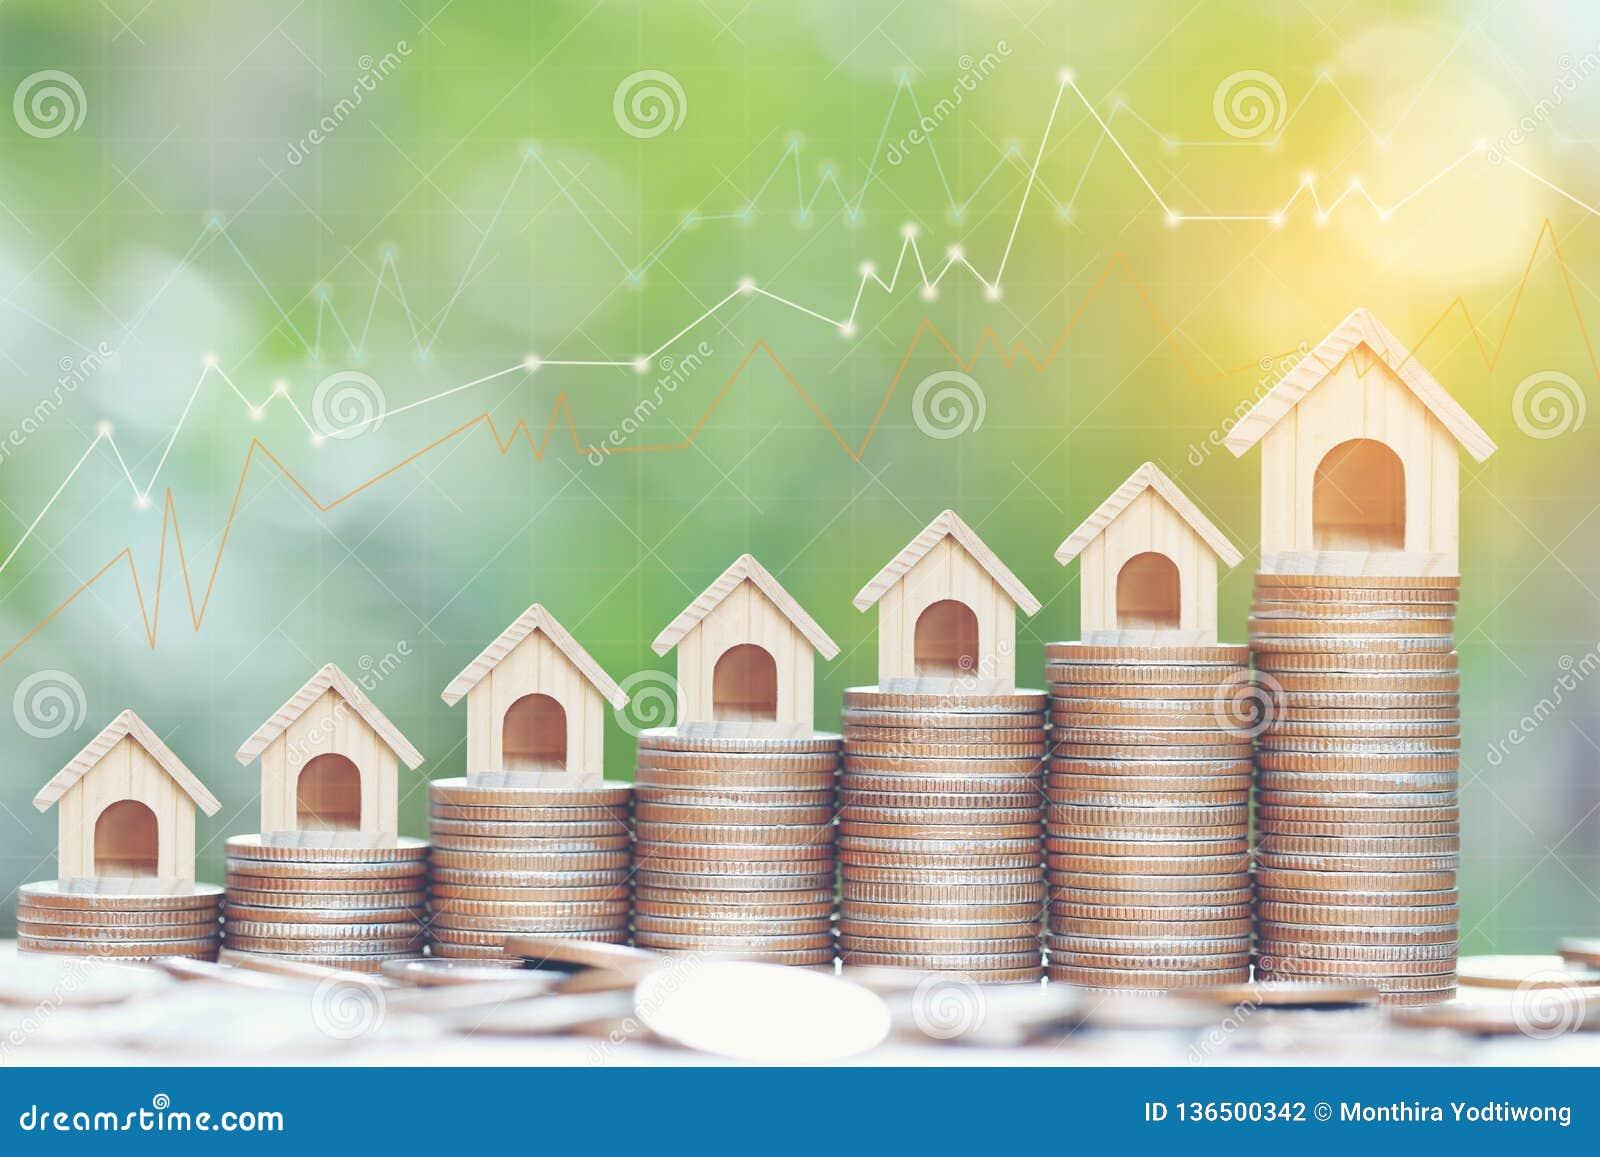 Conceito do investimento empresarial e dos bens imobiliários, casa modelo crescente na pilha de moedas dinheiro e gráfico no fund